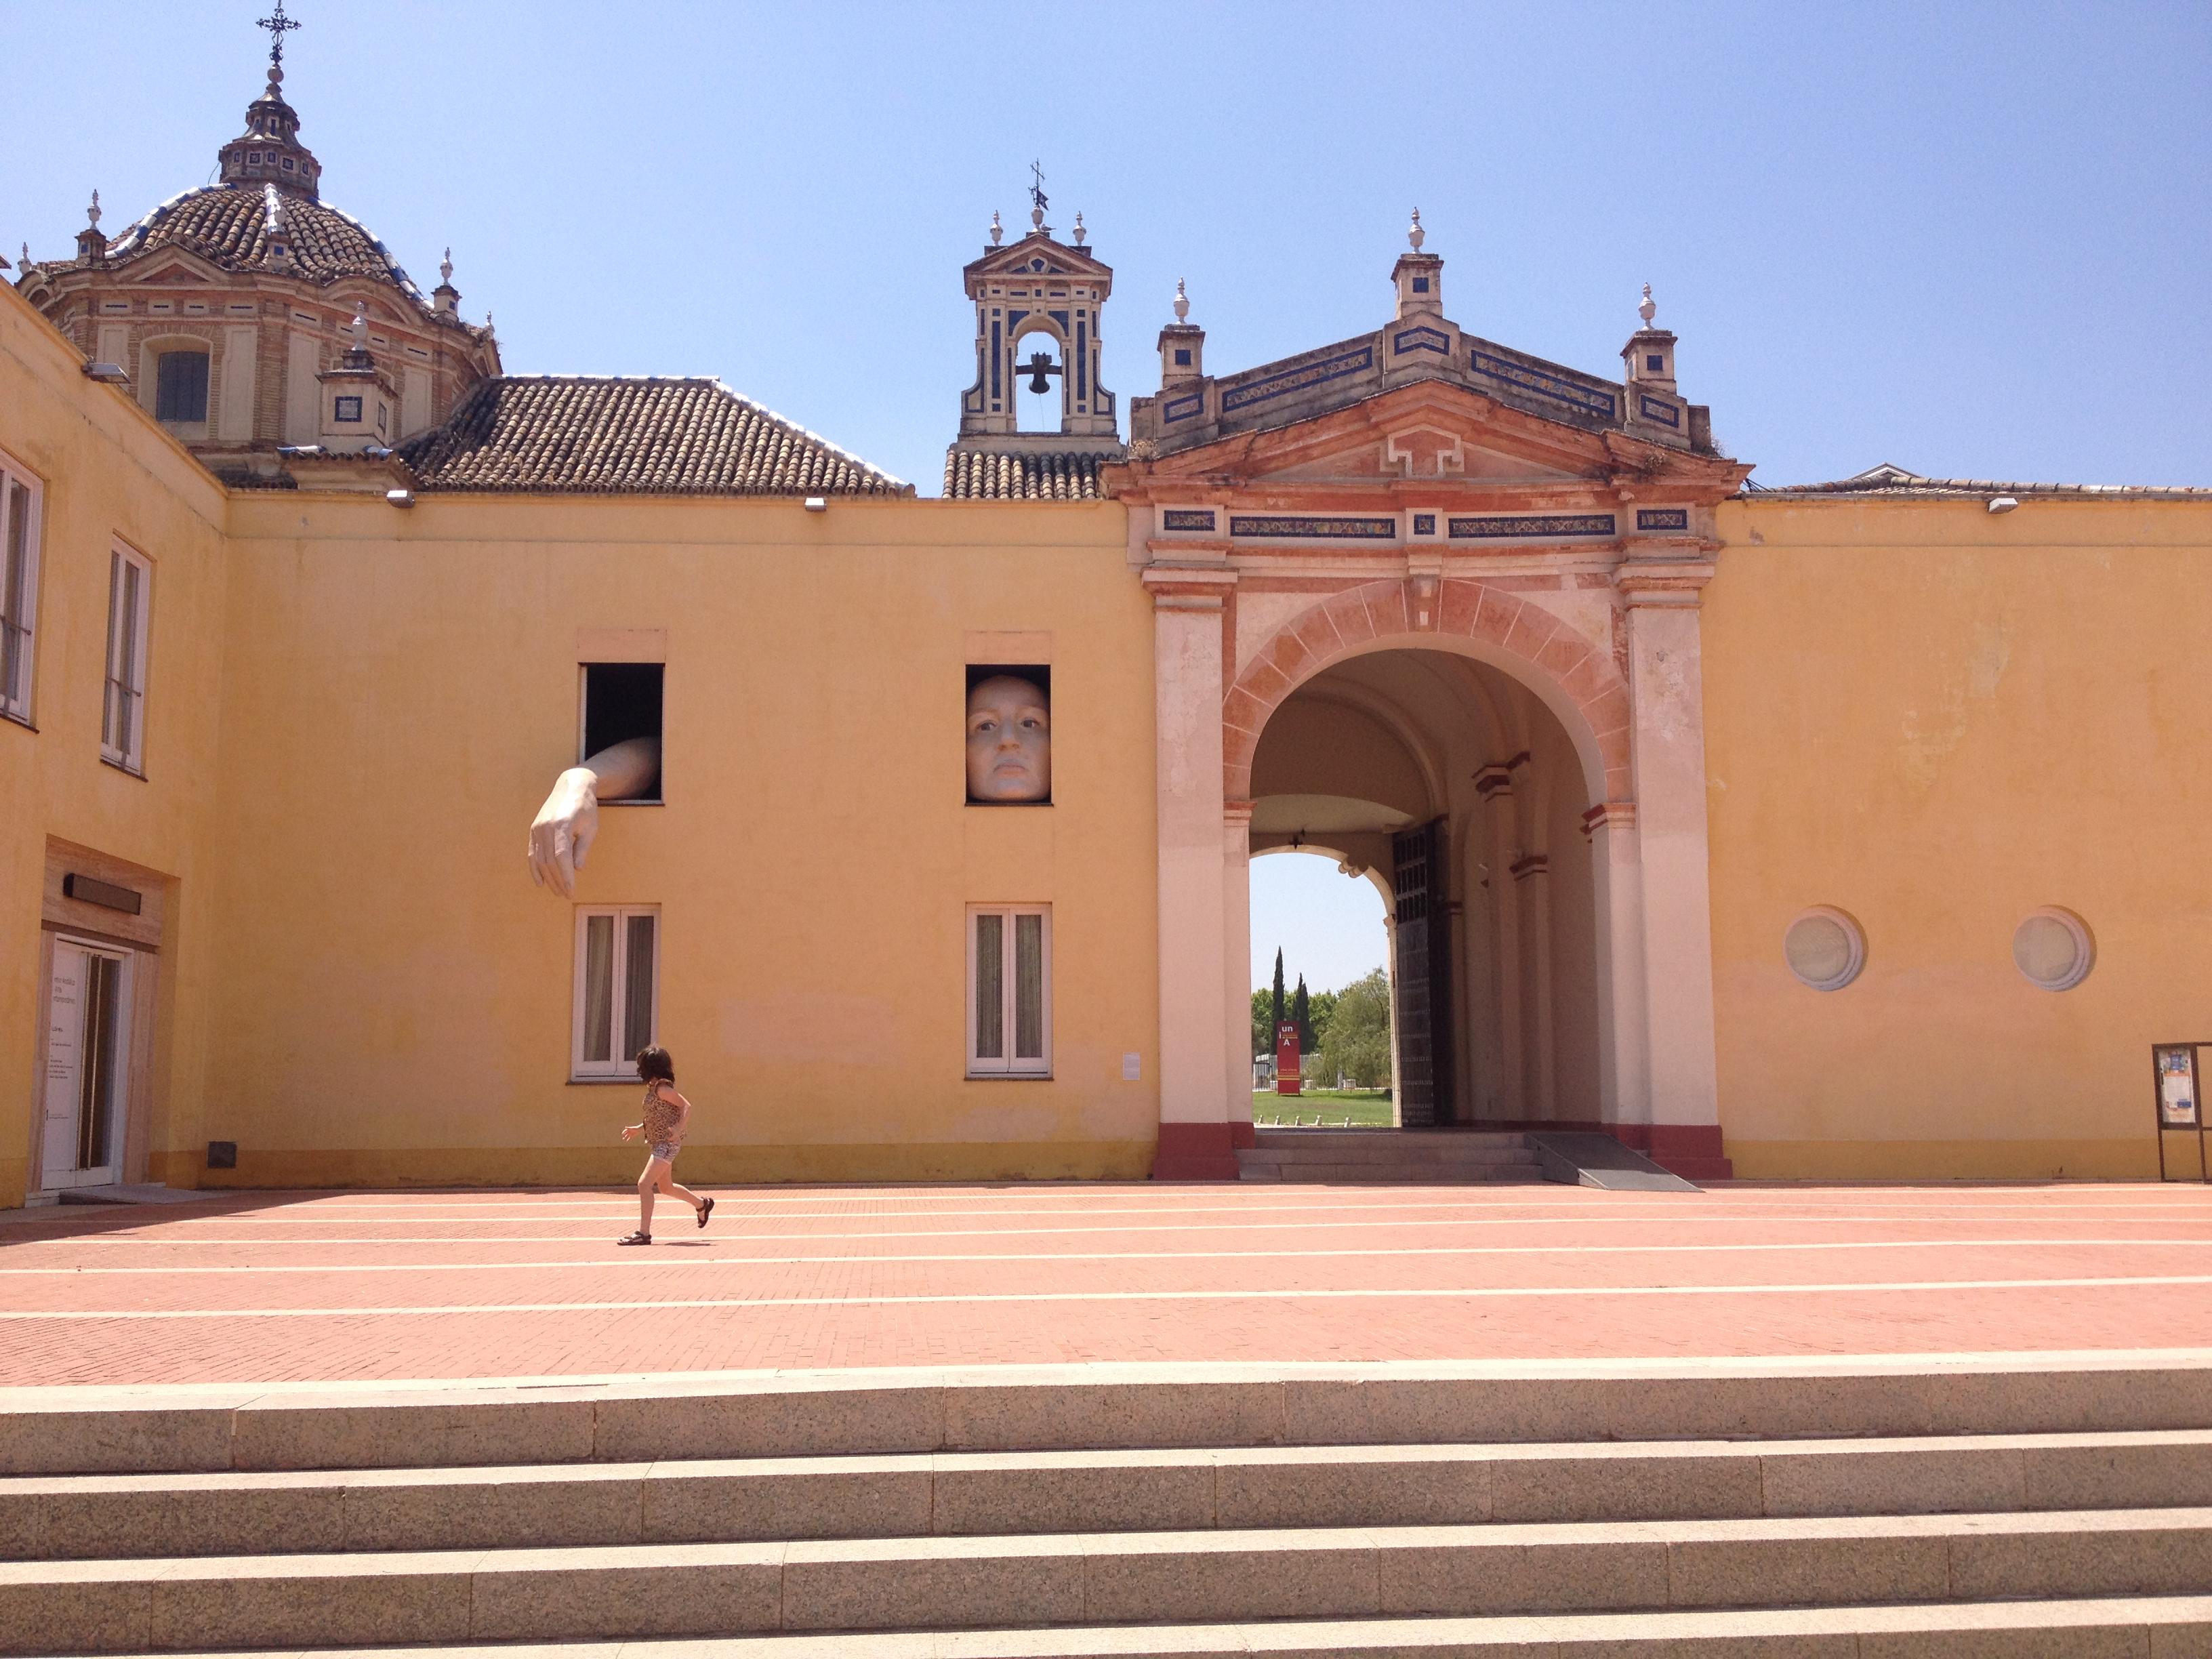 Centro Andaluso di Arte Contemporanea, Siviglia @oltreilbalcone